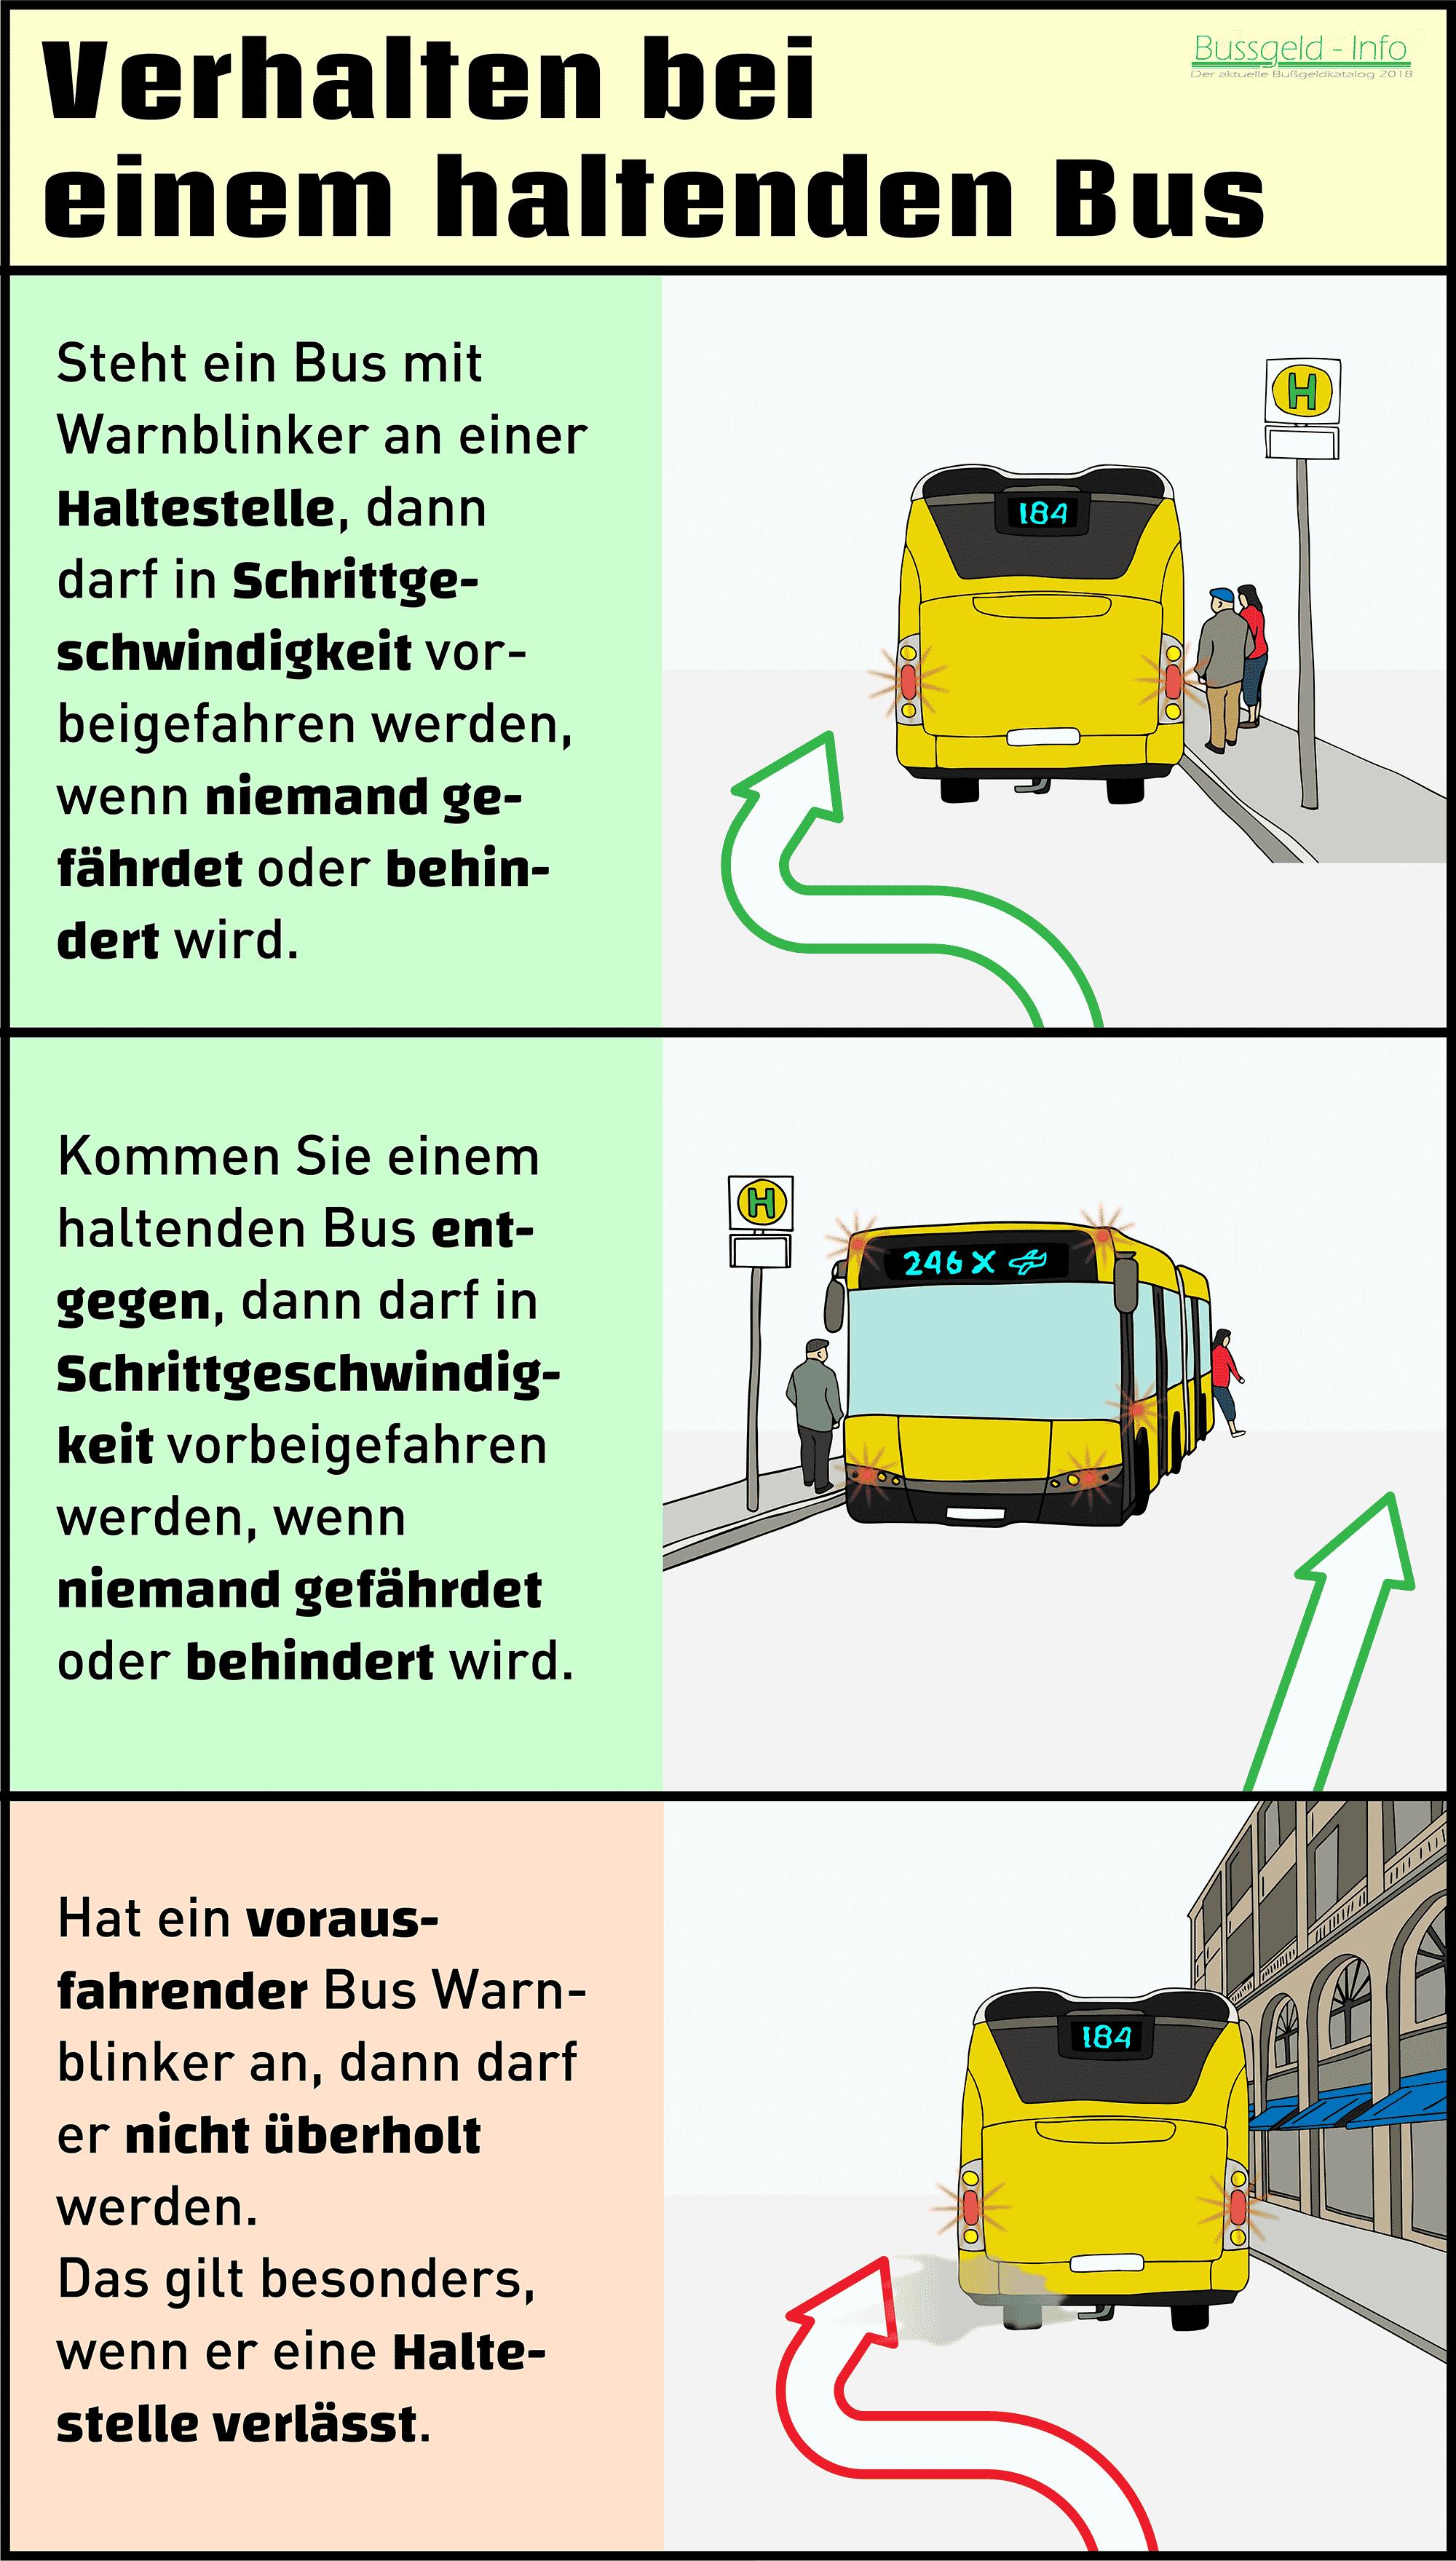 Verhalten bei einem haltenden Bus